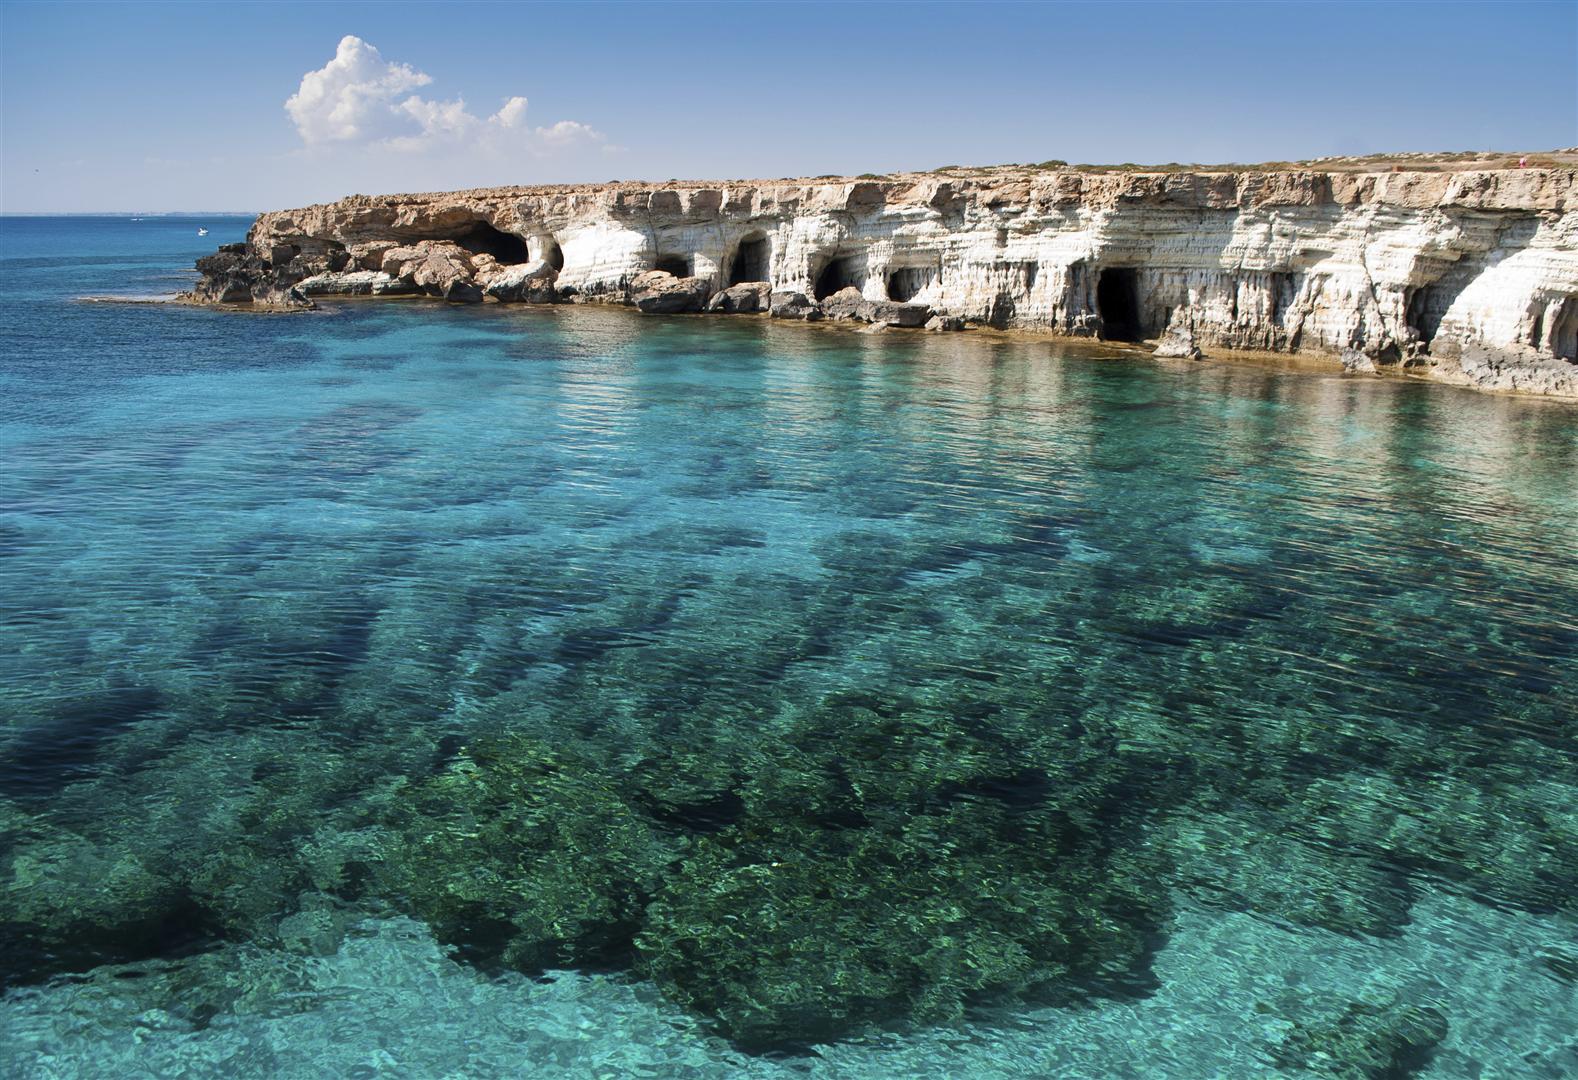 Кипр айя напа сколько лететь